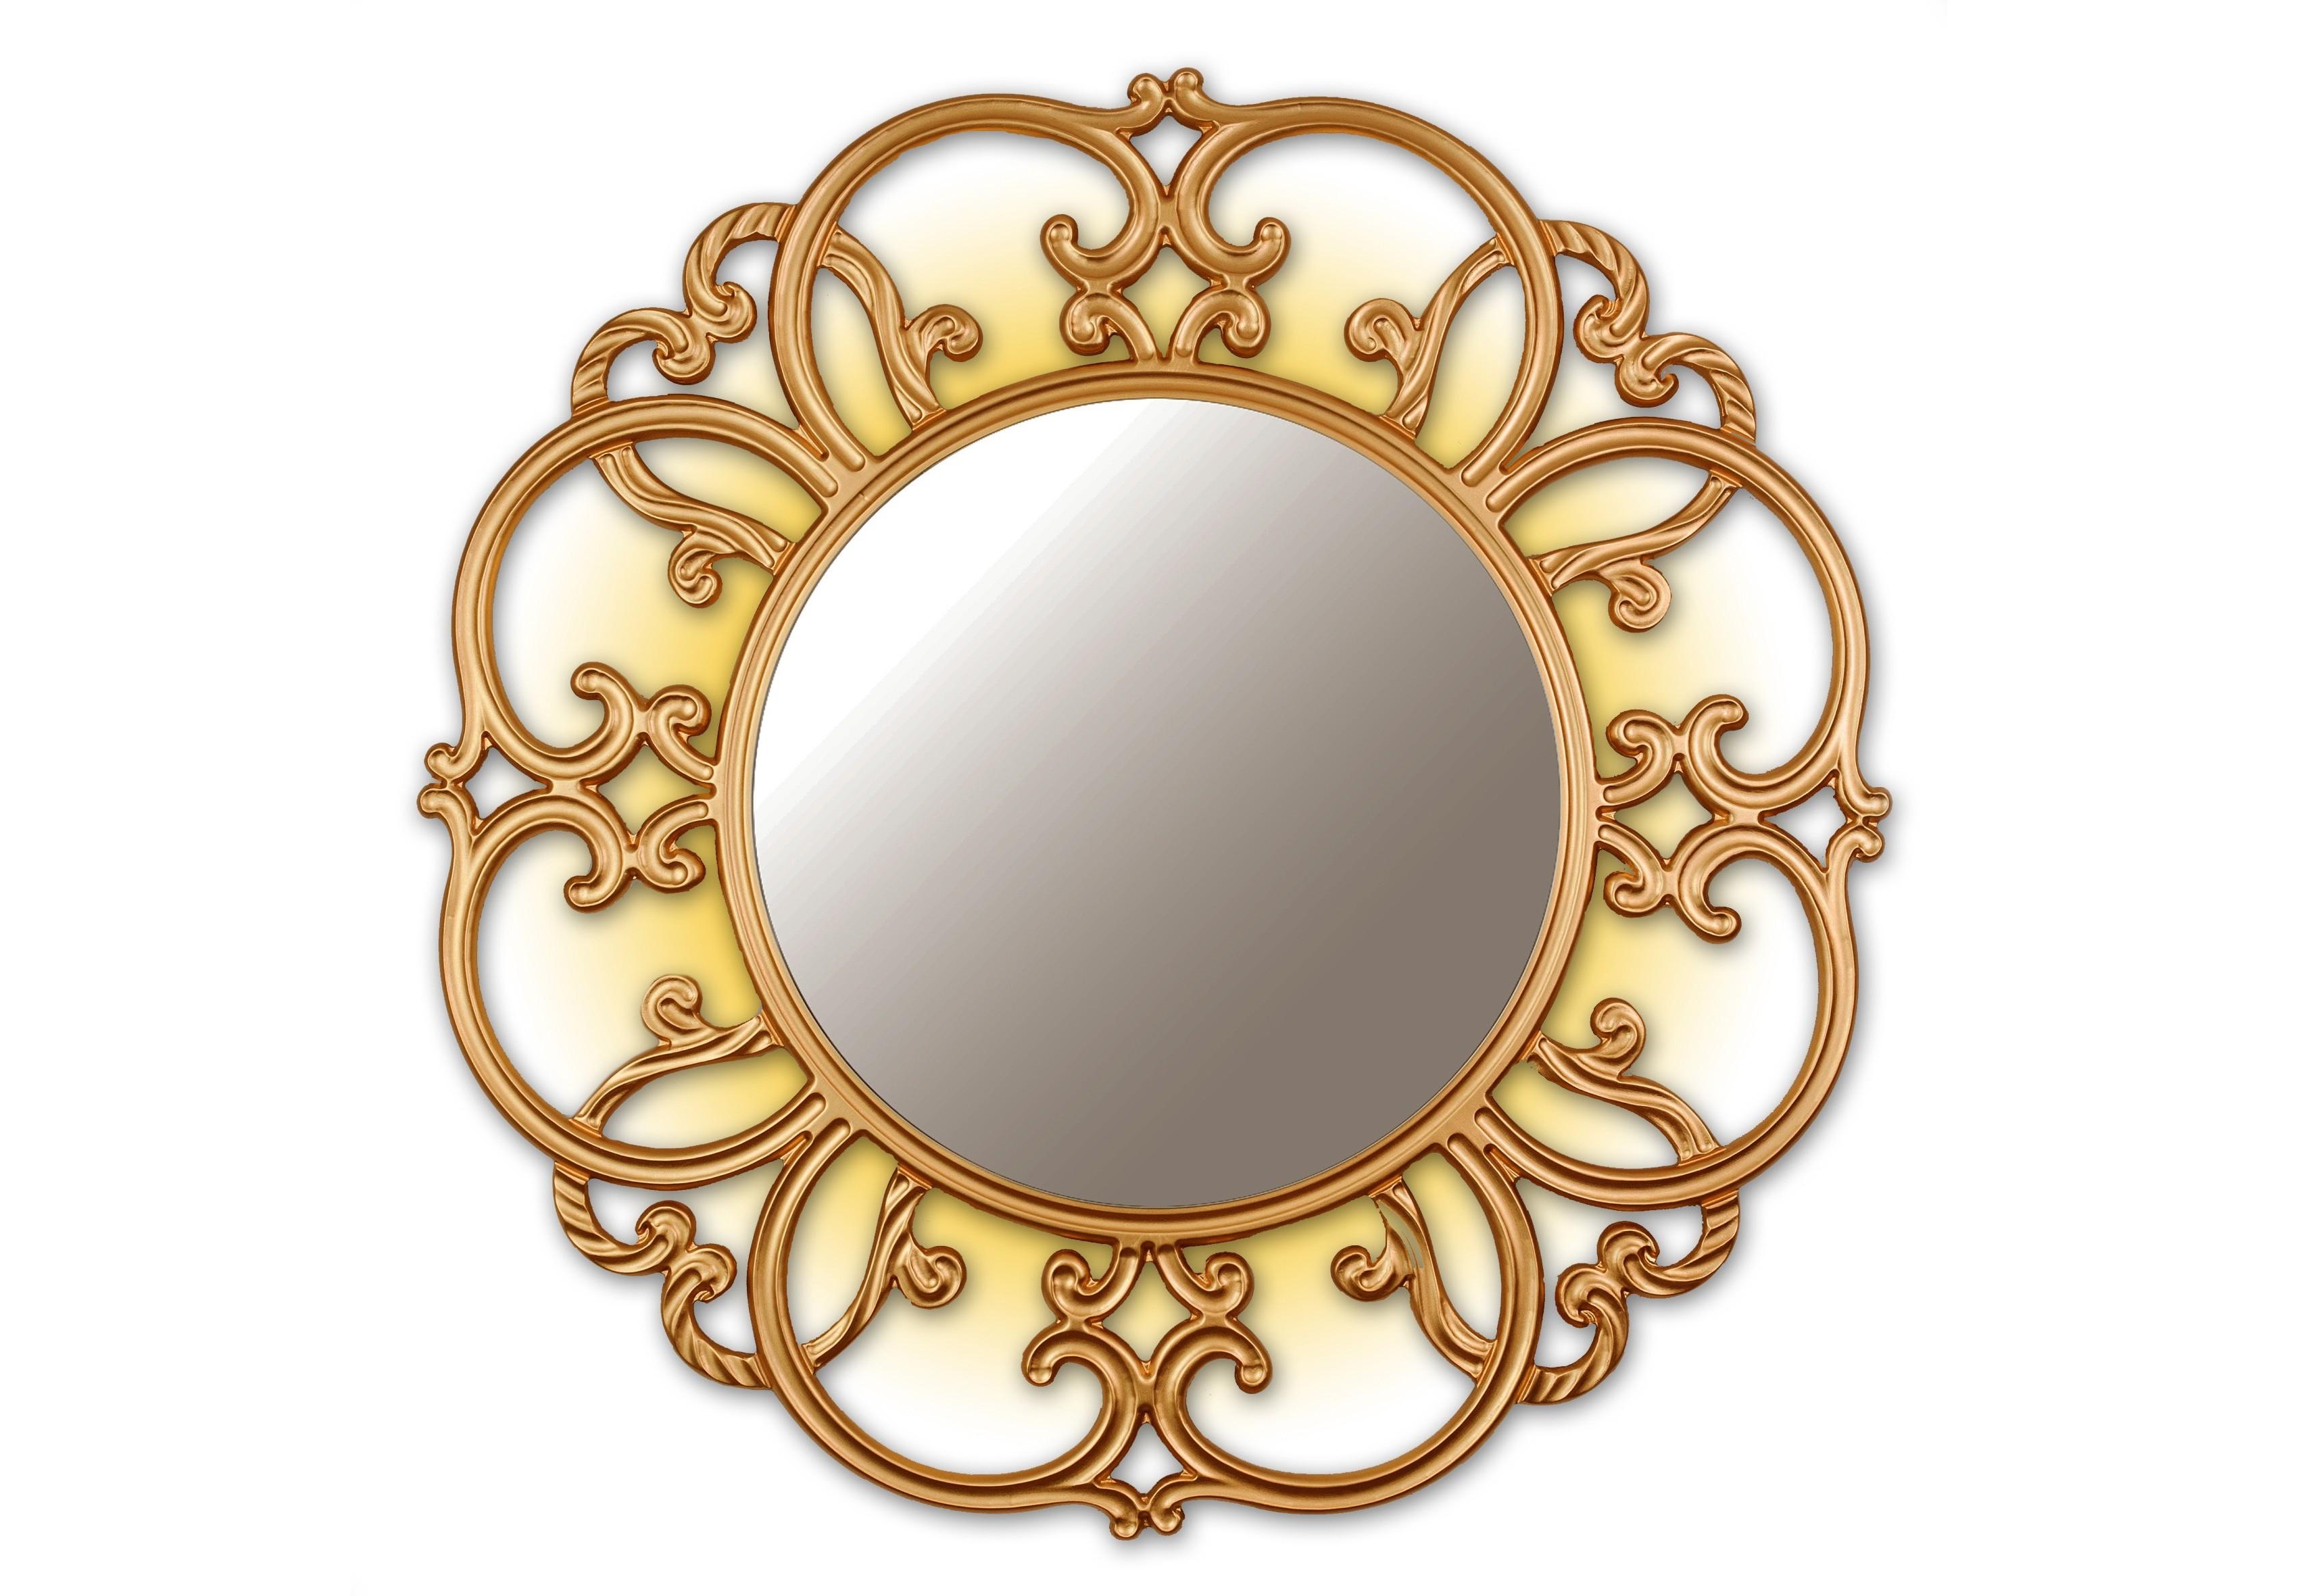 TiffanyНастенные зеркала<br>Как звучит музыка вашей жизни? В ней есть ноты нежности и доброты,любви и радости. Есть и немного грусти,оттеняющей светлые моменты.<br>                Описание: Форма круглая, вес 7 кг, 4 светодиодные лампочки, Натуральный древесный материал высокого качества, Ручная резка, Размер 99*99см, Толщина изделия 7см.&amp;lt;div&amp;gt;&amp;lt;br&amp;gt;&amp;lt;/div&amp;gt;&amp;lt;div&amp;gt;&amp;lt;p class=&amp;quot;MsoNormal&amp;quot;&amp;gt;Товарное предложение оснащено светодиодной подсветкой.&amp;lt;o:p&amp;gt;&amp;lt;/o:p&amp;gt;&amp;lt;/p&amp;gt;&amp;lt;/div&amp;gt;<br><br>Material: Дерево<br>Depth см: 7<br>Diameter см: 99